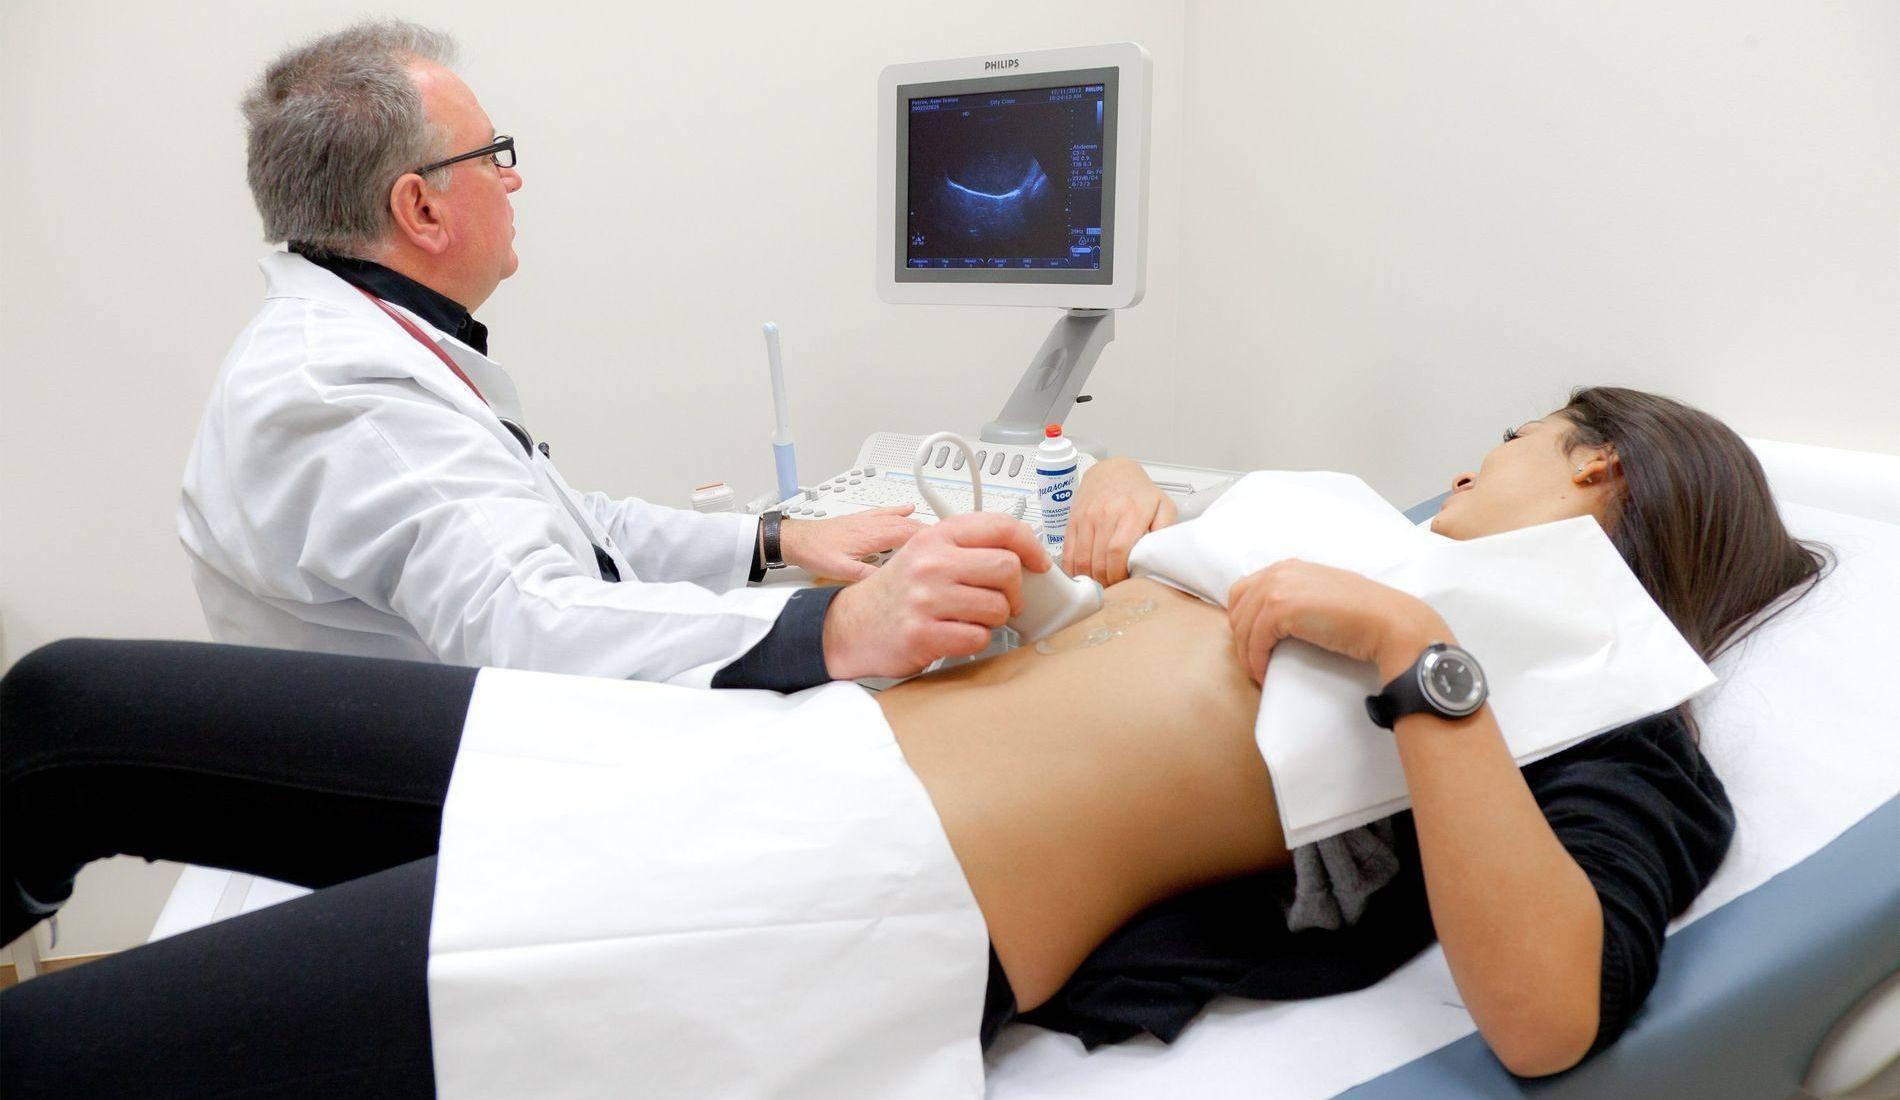 Гастроэнтерология в германии - цены на консультацию гастроэнтерологов в клинике нордвест, франкфурт-на-майне